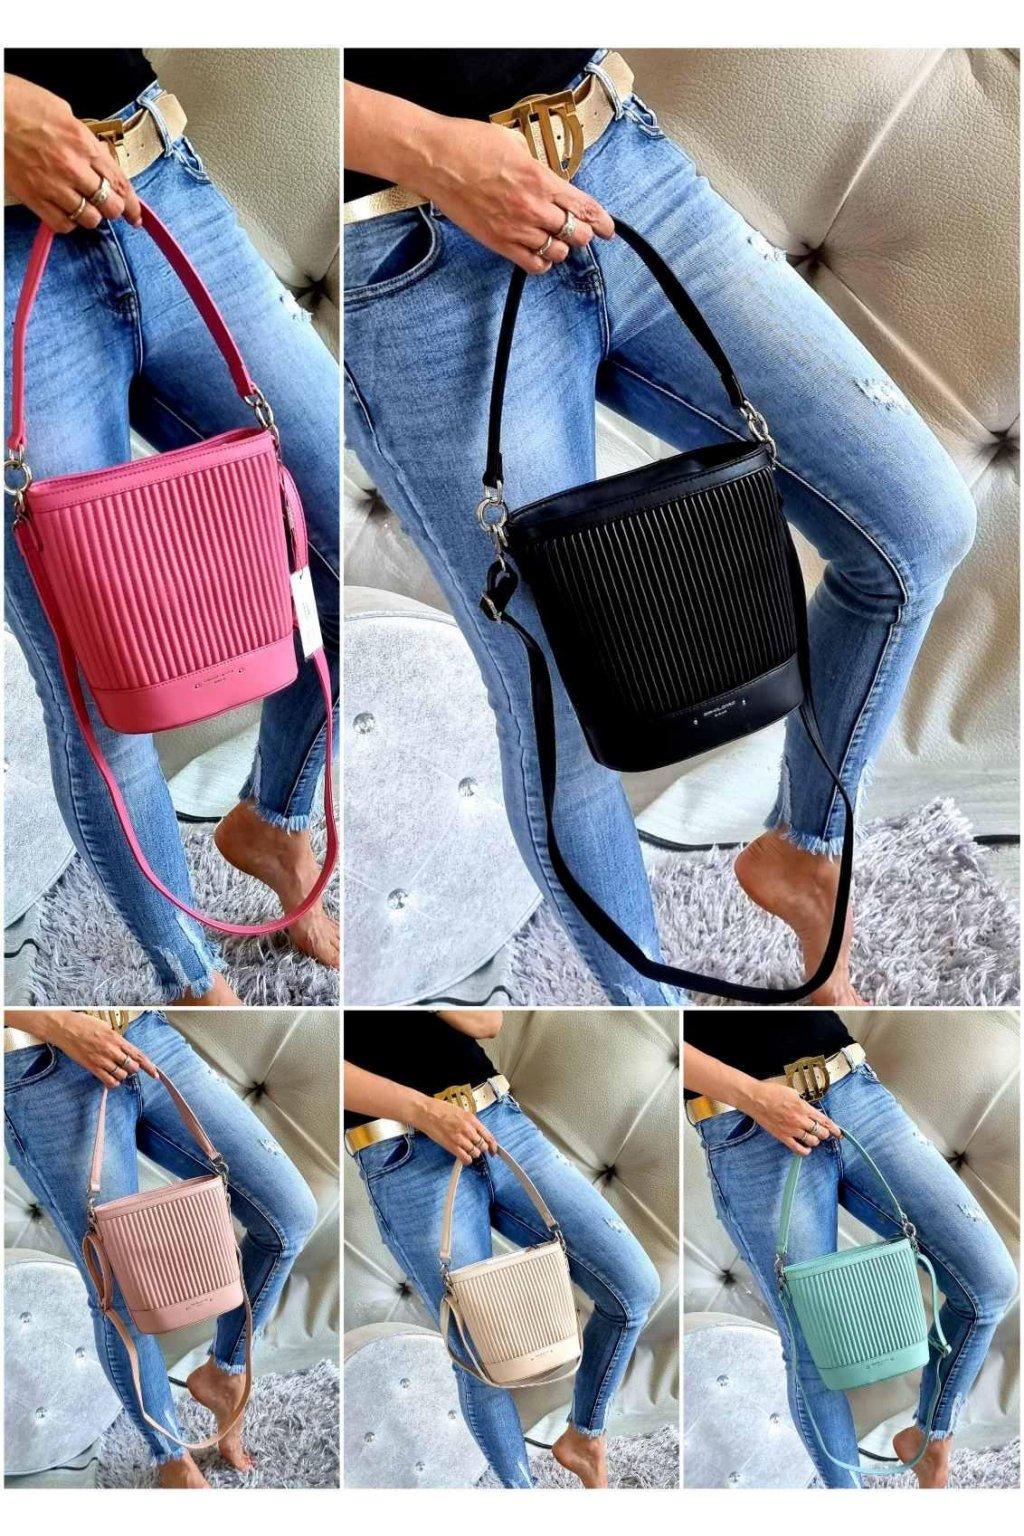 dámská kabelka david jones značková luxusní kabelka drží tvar